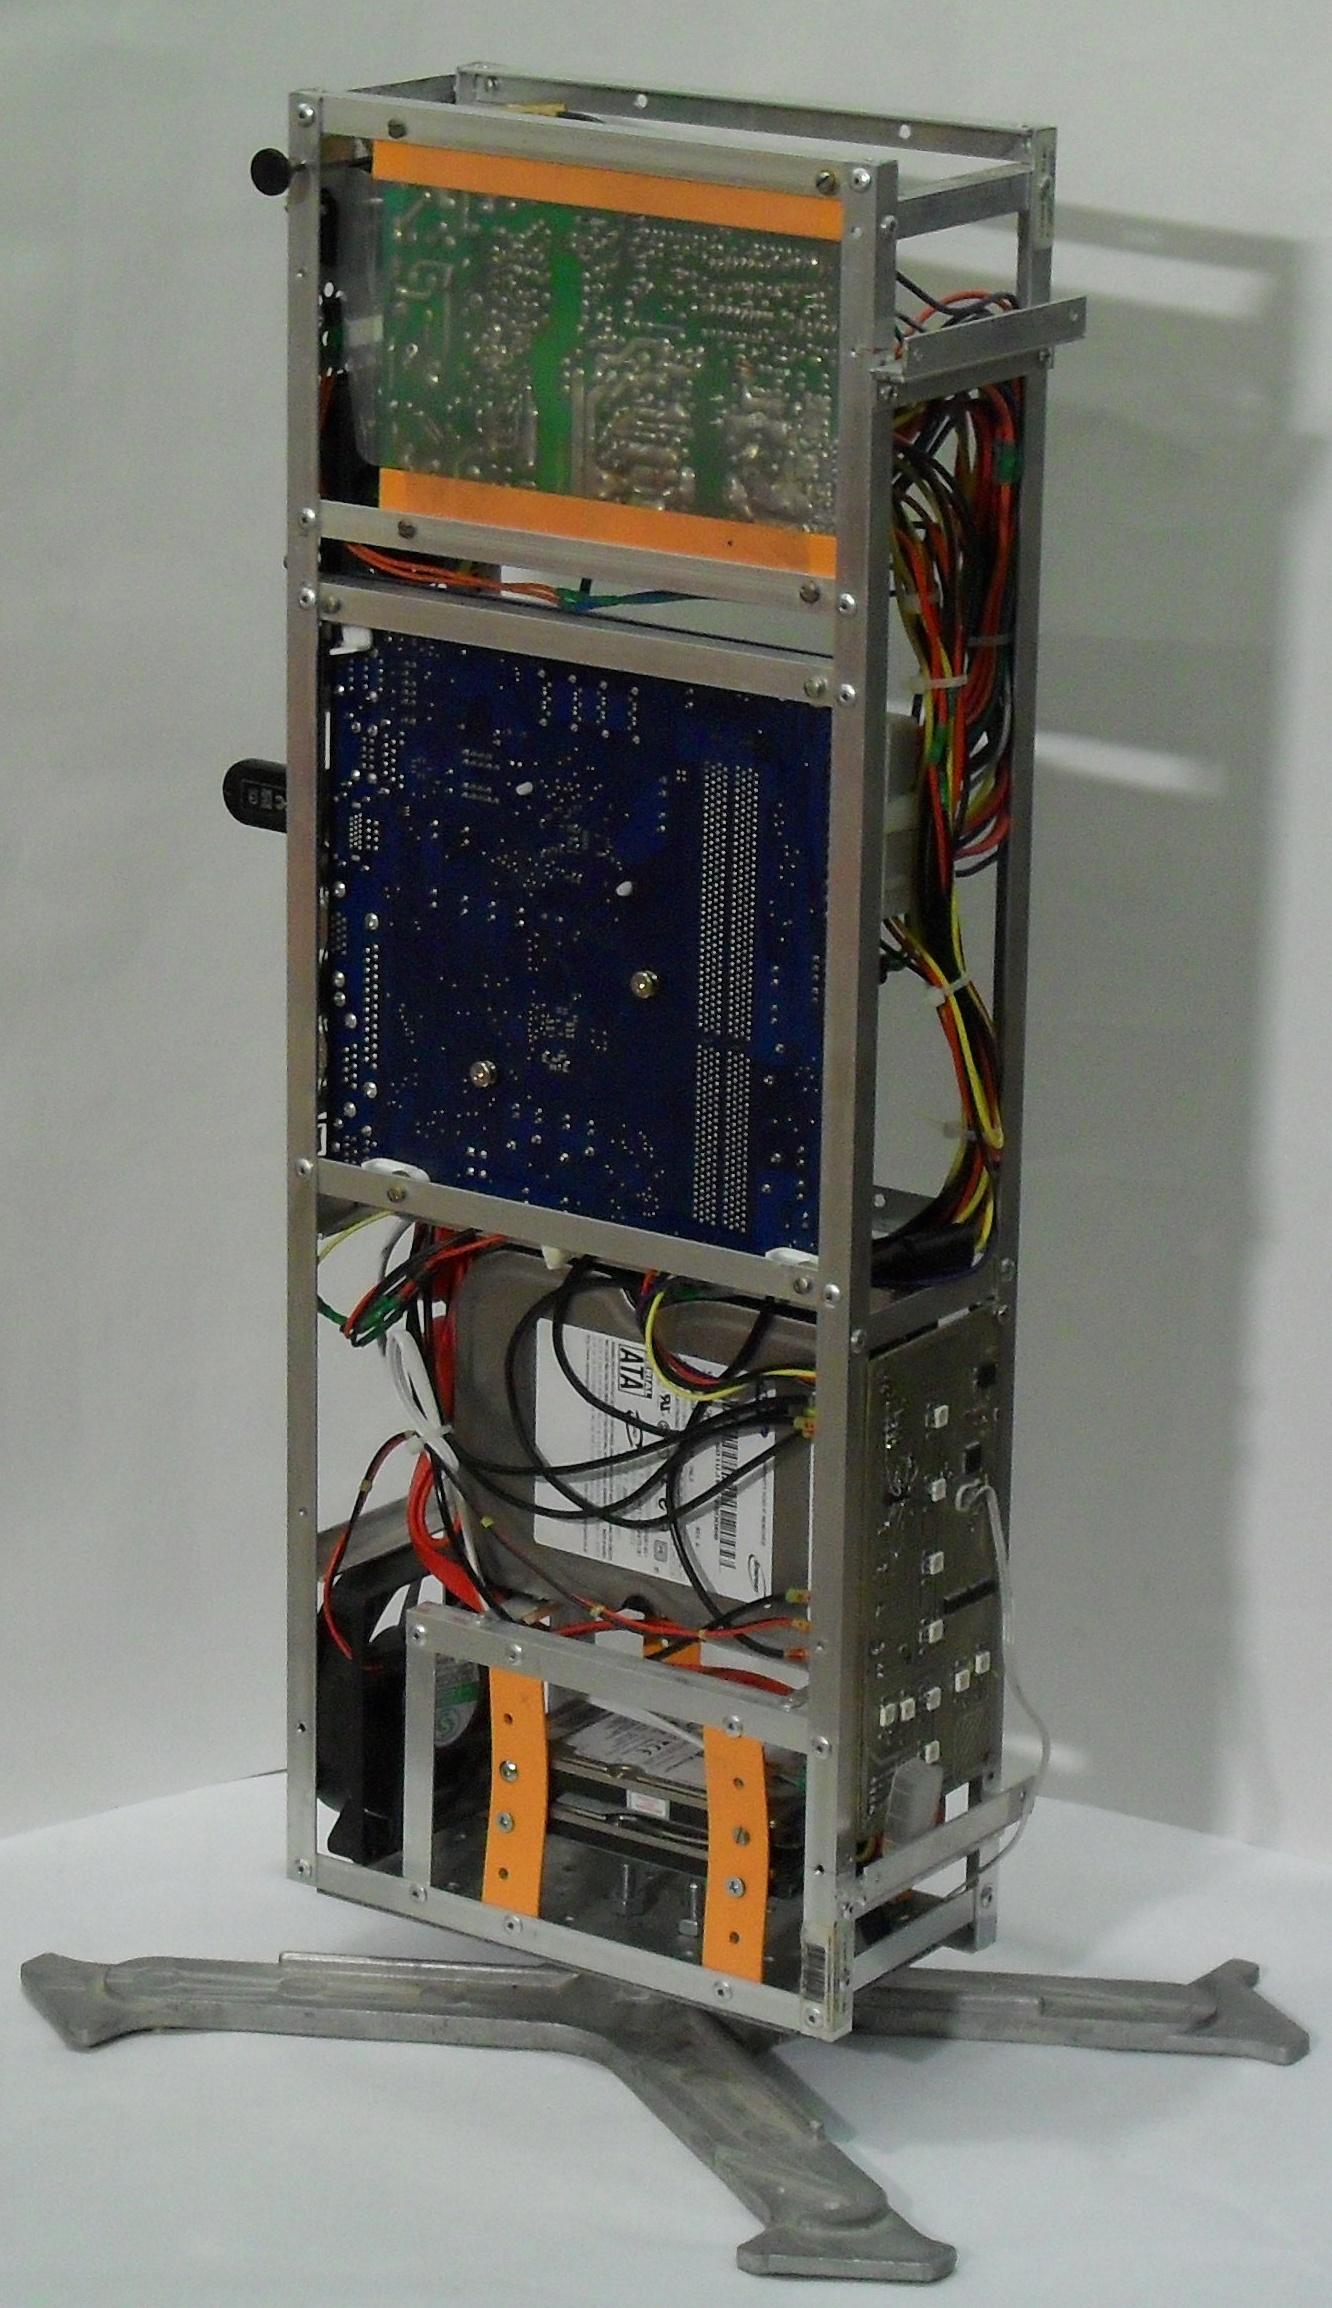 Еще один сервер из подручных средств с претензией на красоту - 37